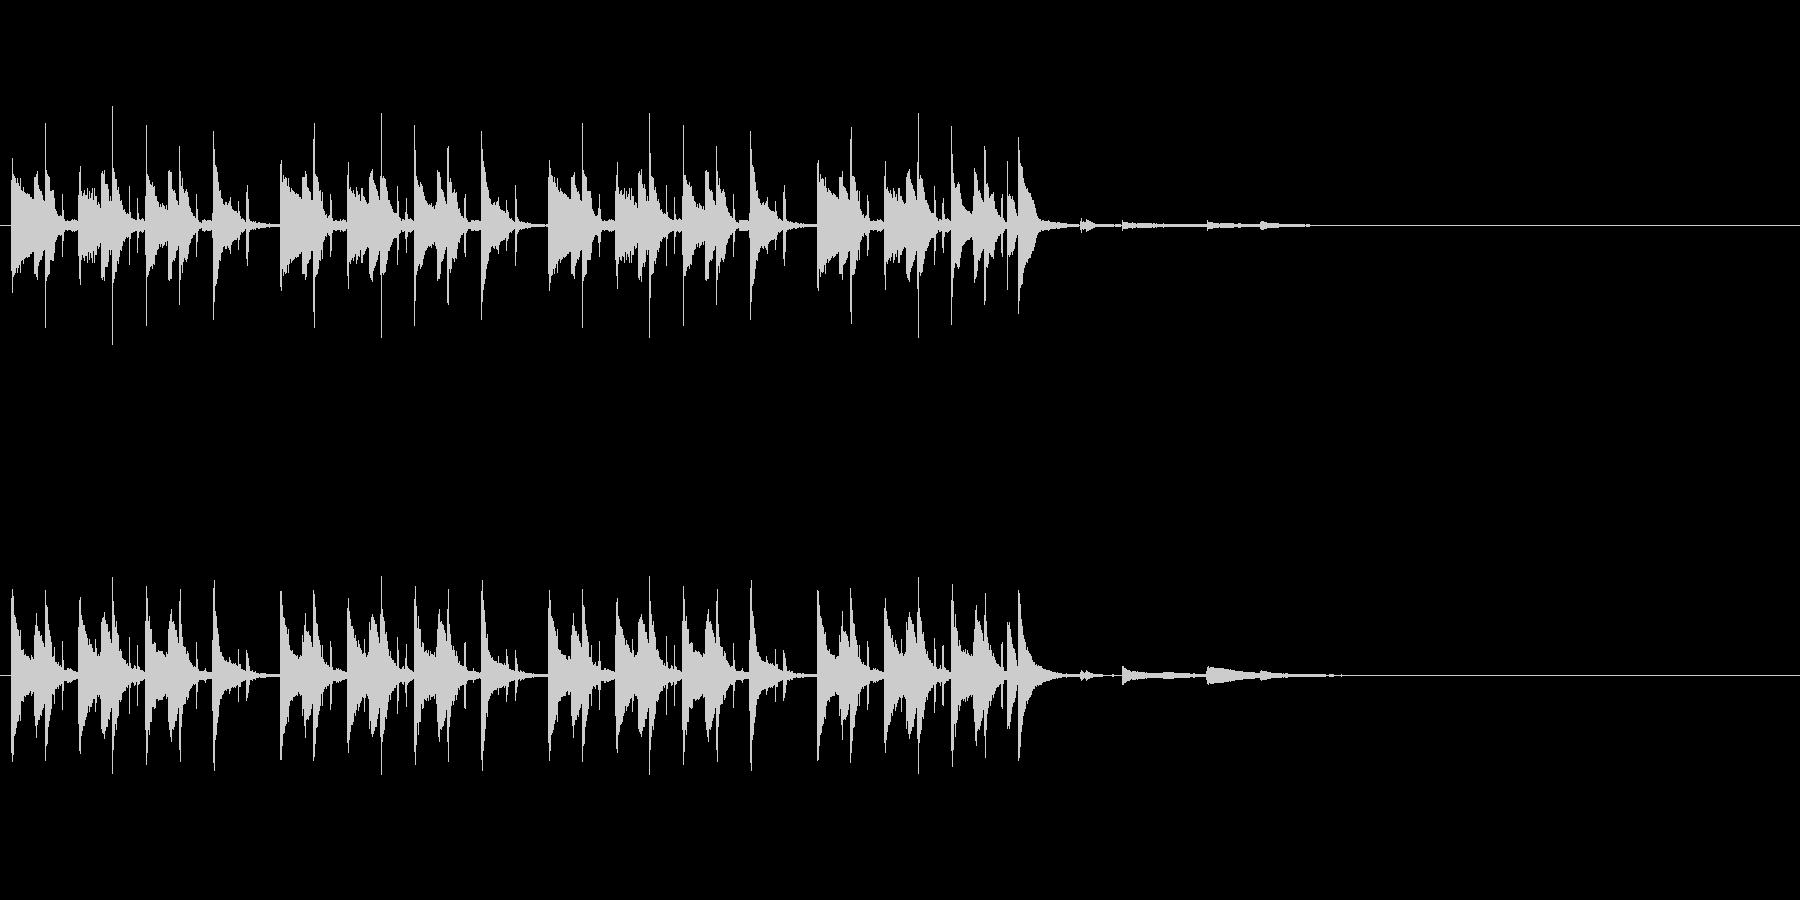 かわいい軽やかなピアノジングルの未再生の波形